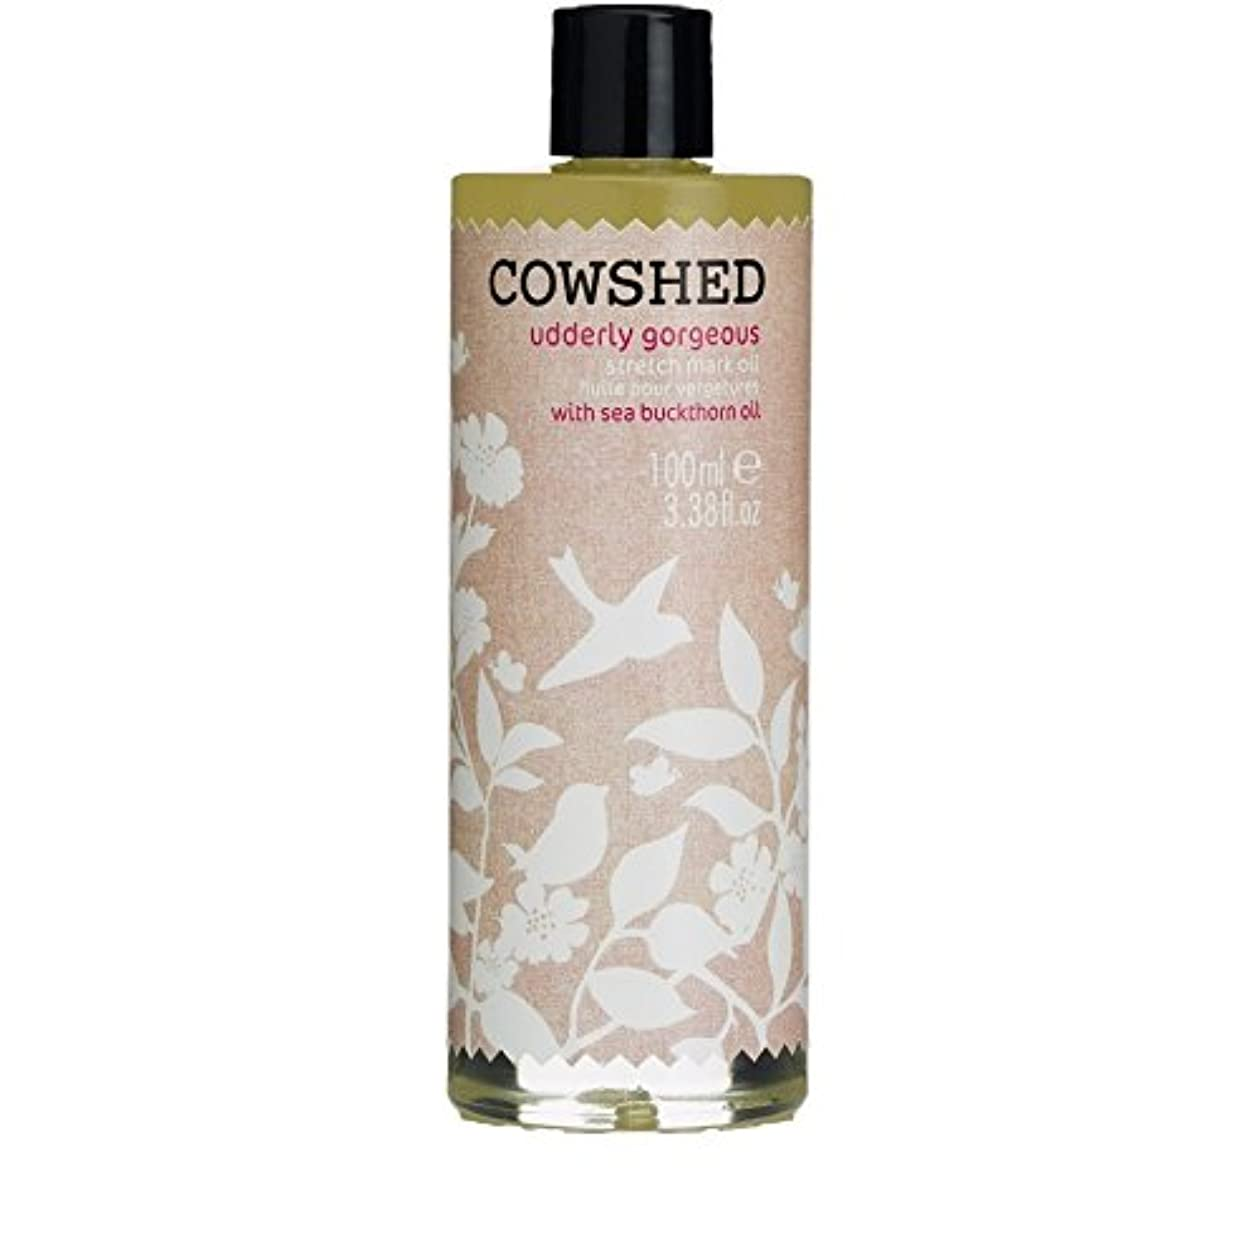 超えてジェムいとこCowshed Udderly Gorgeous Stretch Mark Oil 100ml - 牛舎ゴージャスなストレッチマークオイル100ミリリットル [並行輸入品]